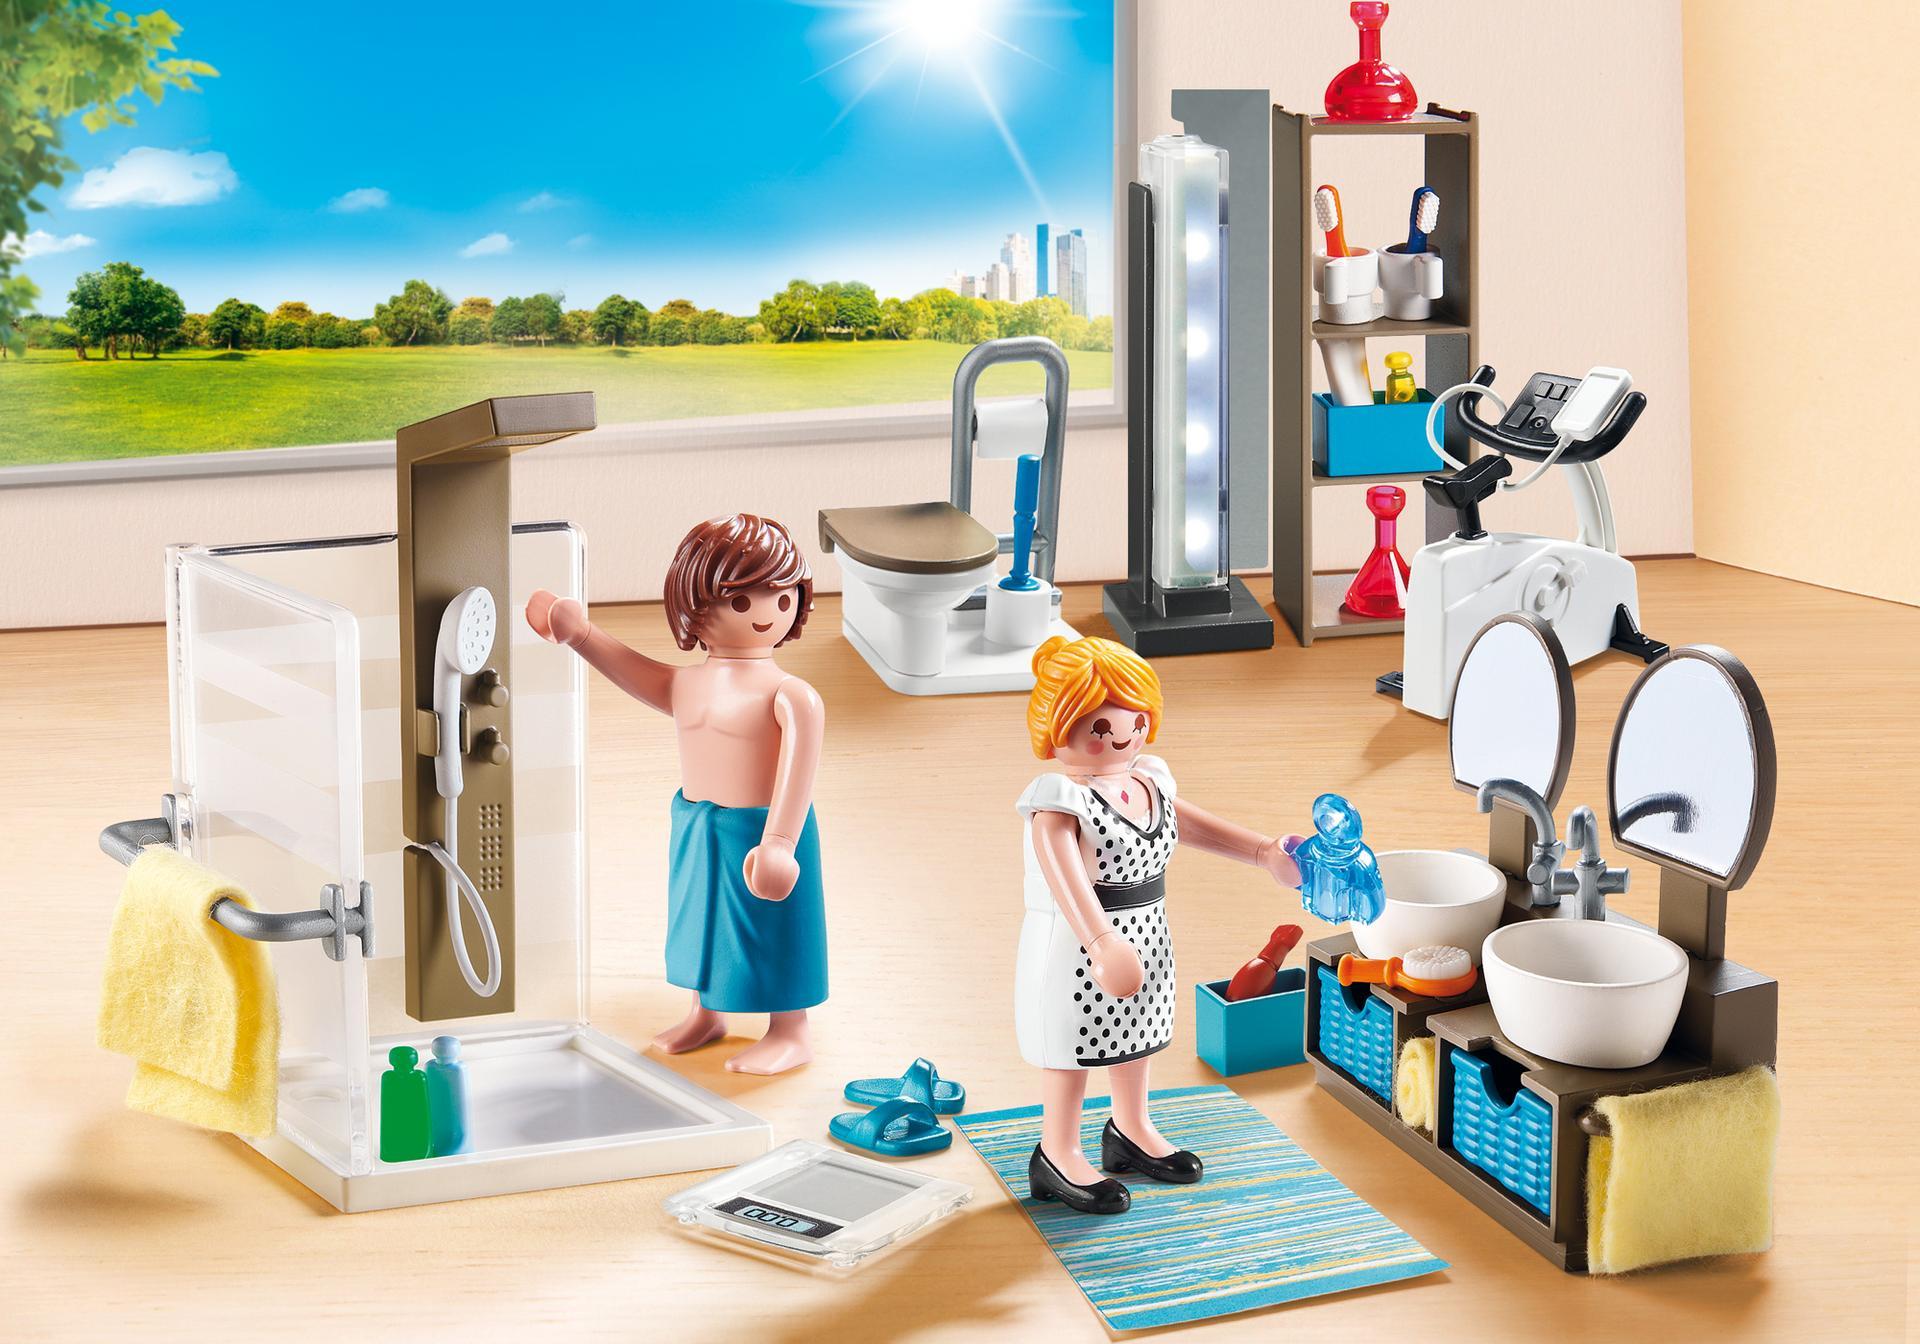 Playmobil Ausmalbilder Shopping Center : Badezimmer 9268 Playmobil Deutschland